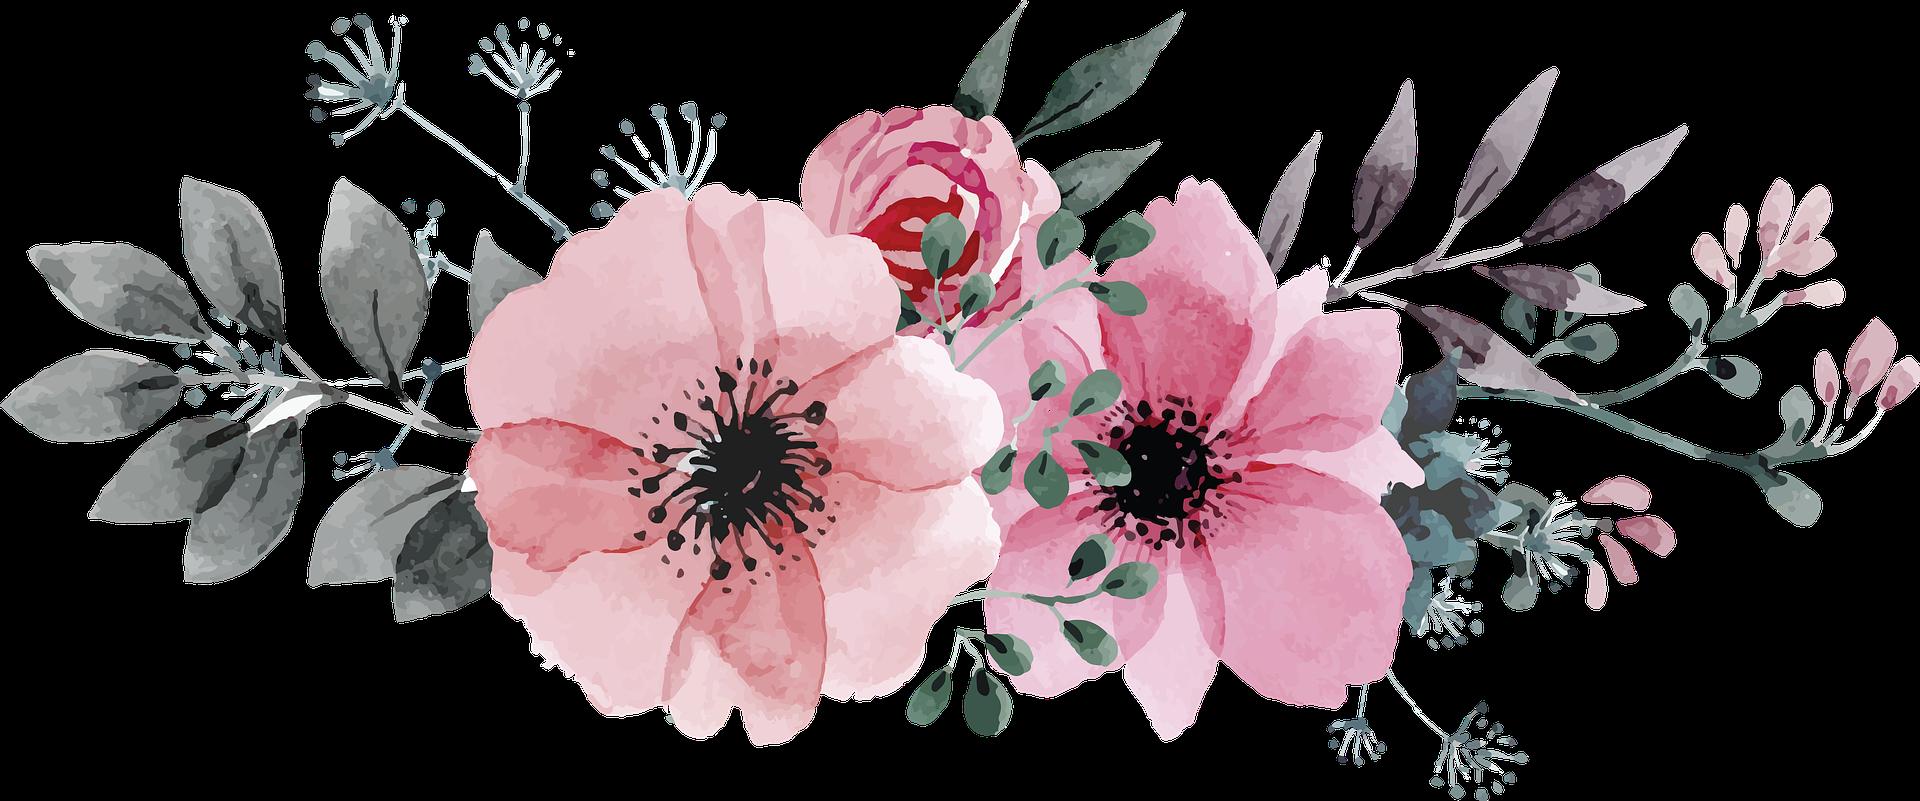 kwiaty   Zespół Szkół Nr 1 im. Józefa Piłsudskiego w Limanowej, ul. Józefa Piłsudskiego 81